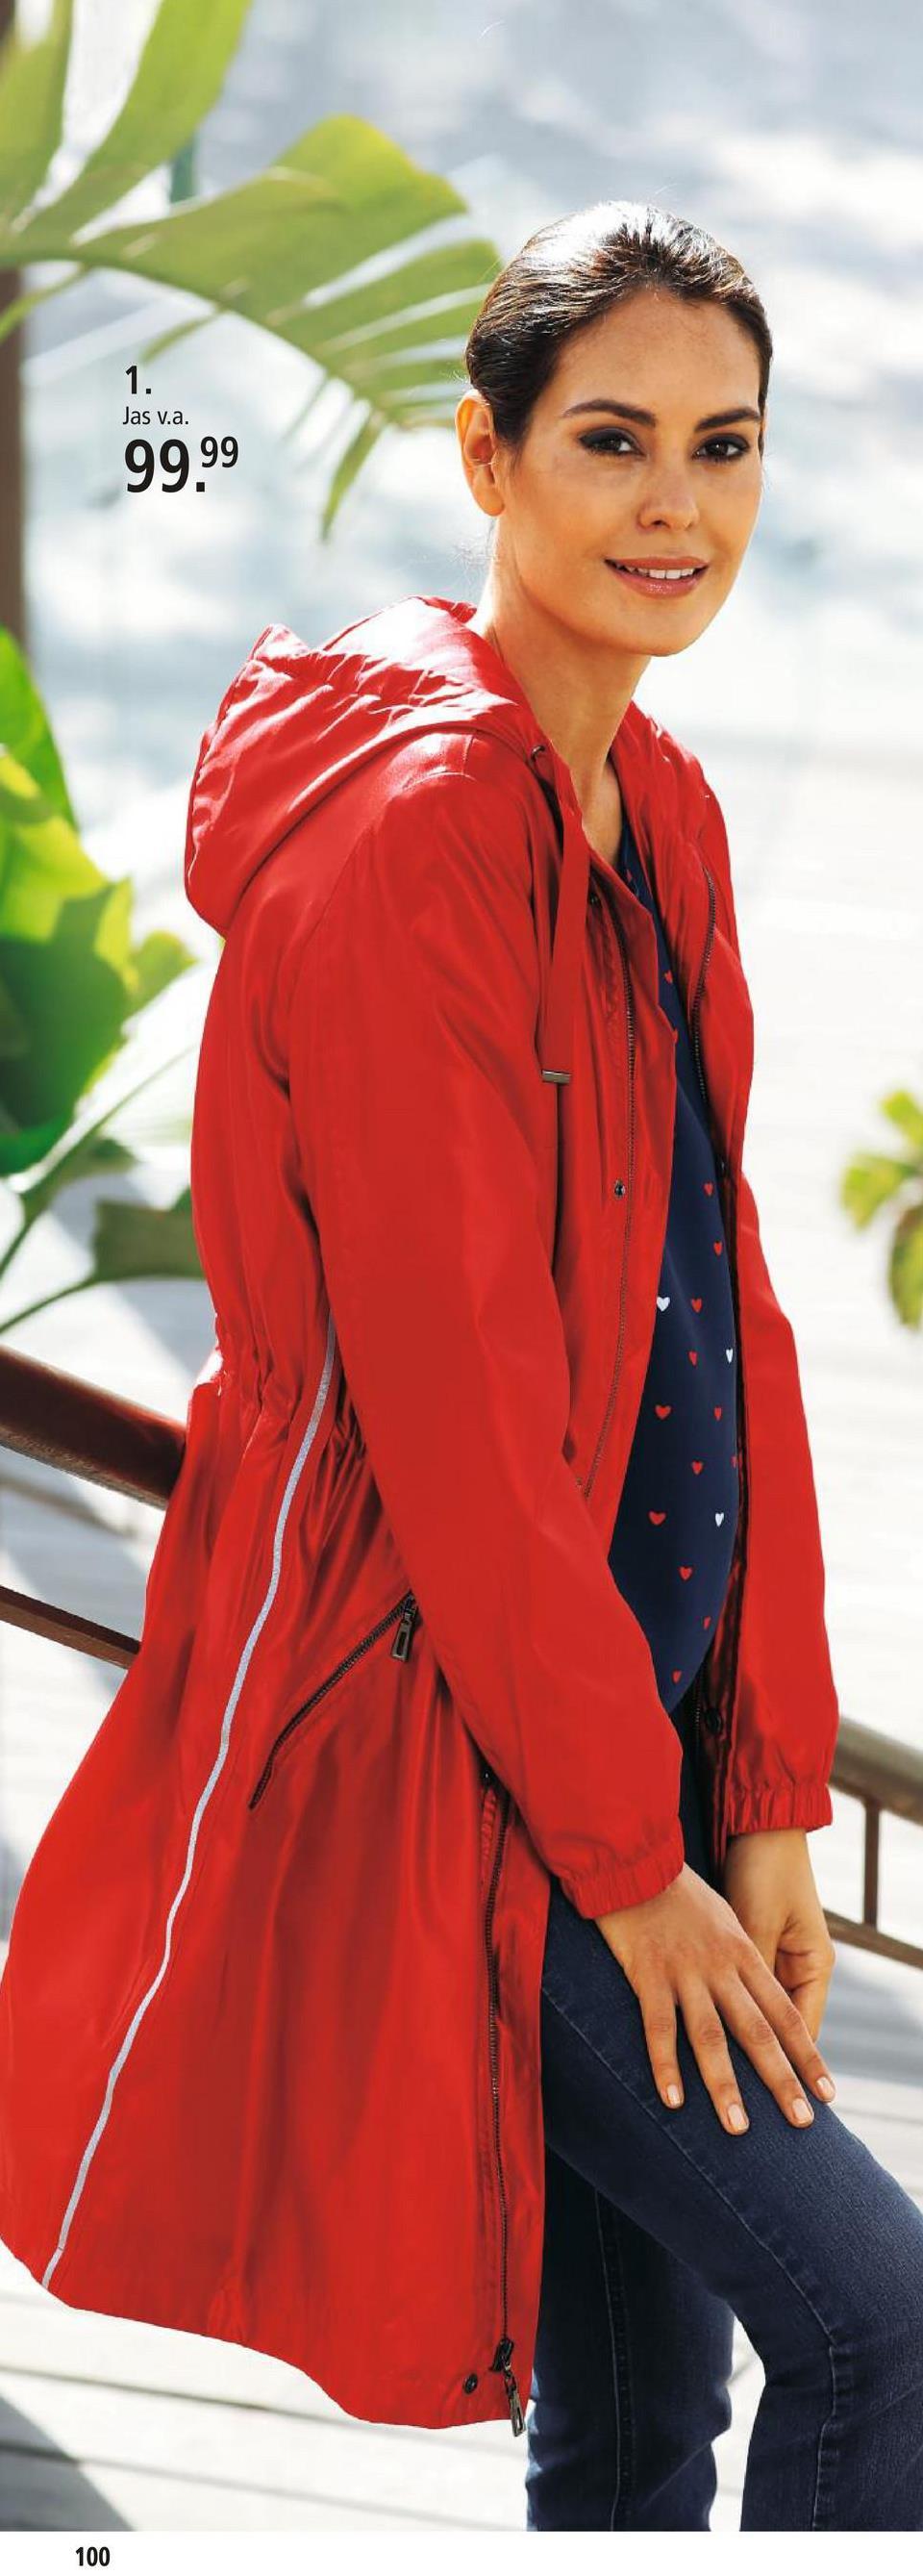 Jas Laura Kent Rood Deze lange jas is van laura kent. De bandjes zijn bijzonder opvallend. De lange jas heeft een capuchon. Hij heeft een aansluitend model en is precies wat u nodig hebt als u een lange jas zoekt die uw figuur benadrukt. Hij kan met een rits gesloten worden. De mouwzomen zijn elastisch. Lange mouwen. Van kunstvezels.